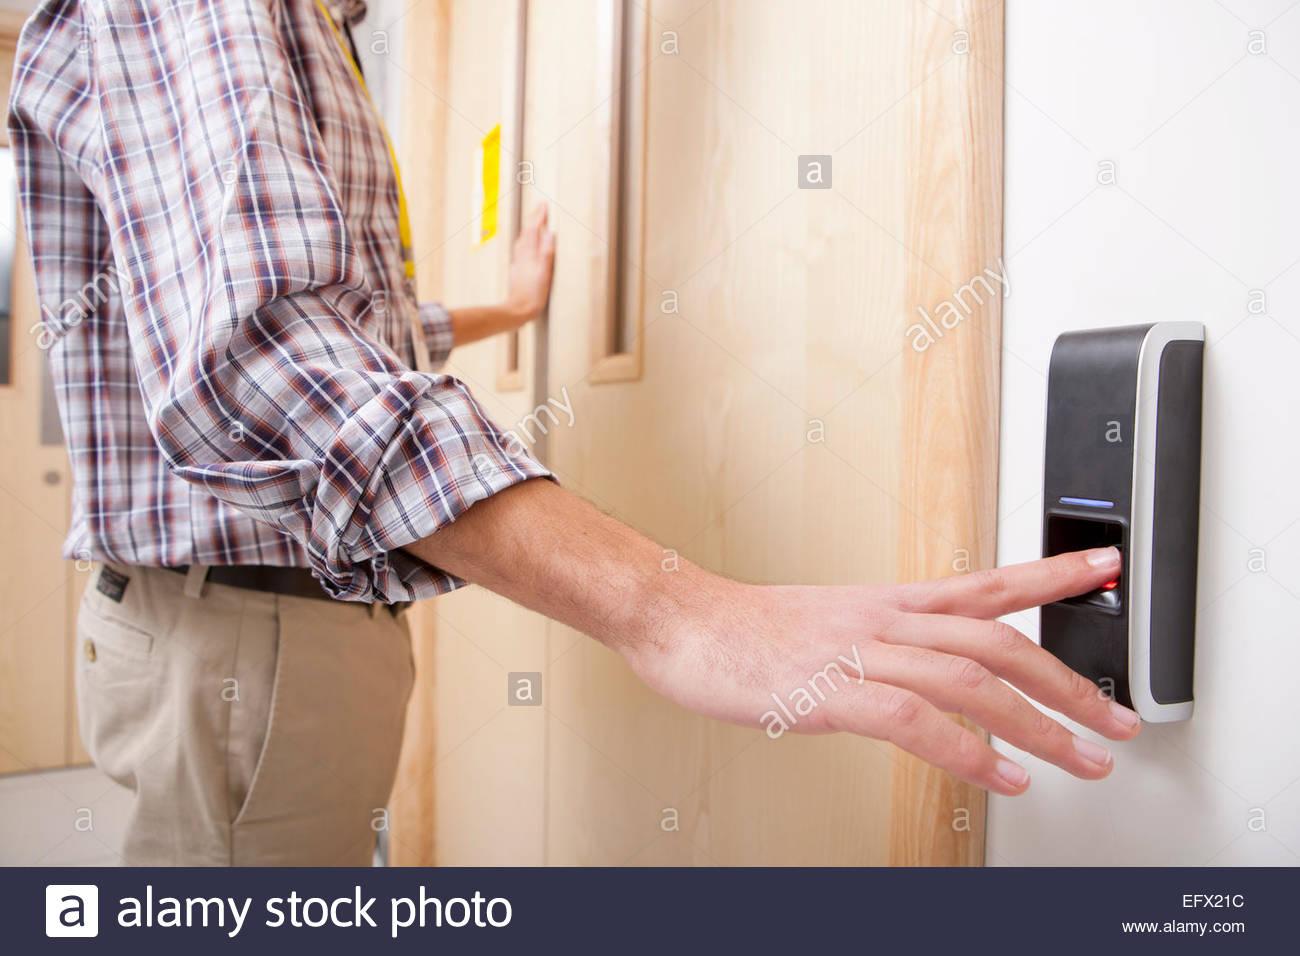 L'homme en utilisant la technologie d'empreintes digitales pour ouvrir la porte d'entrée Photo Stock